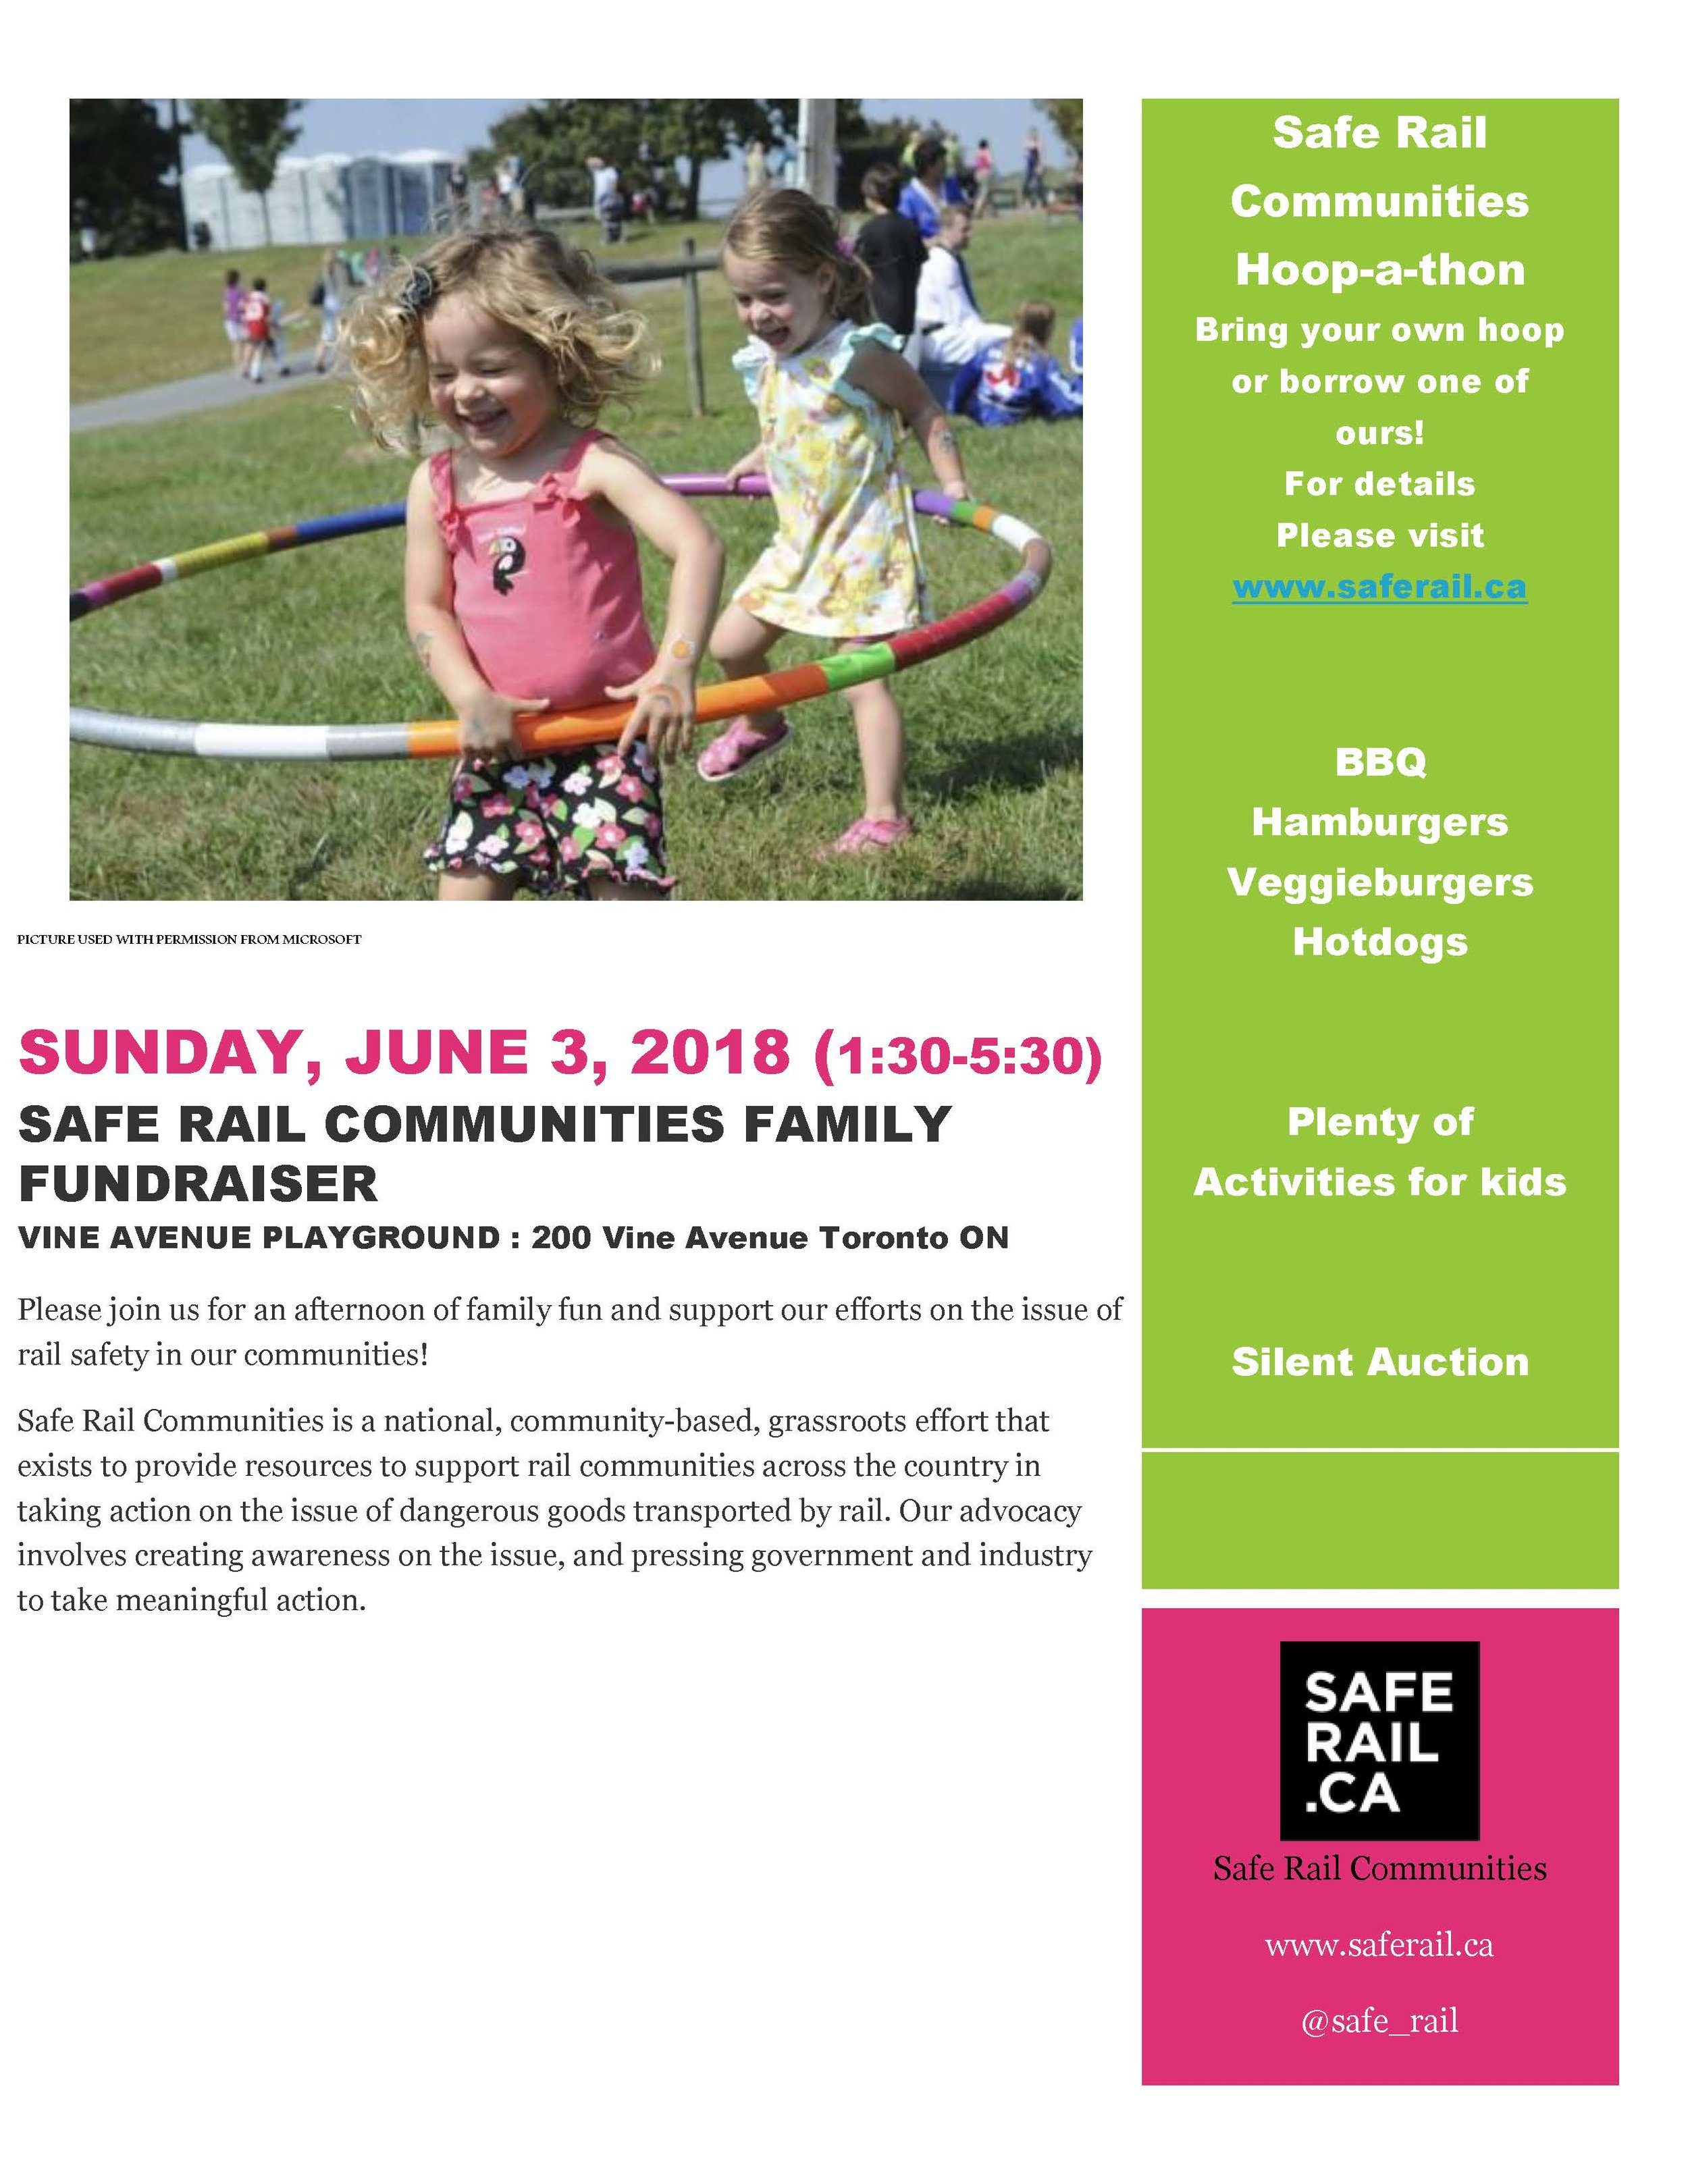 SRC Family Fundraiser Poster_2018_final-1.jpg